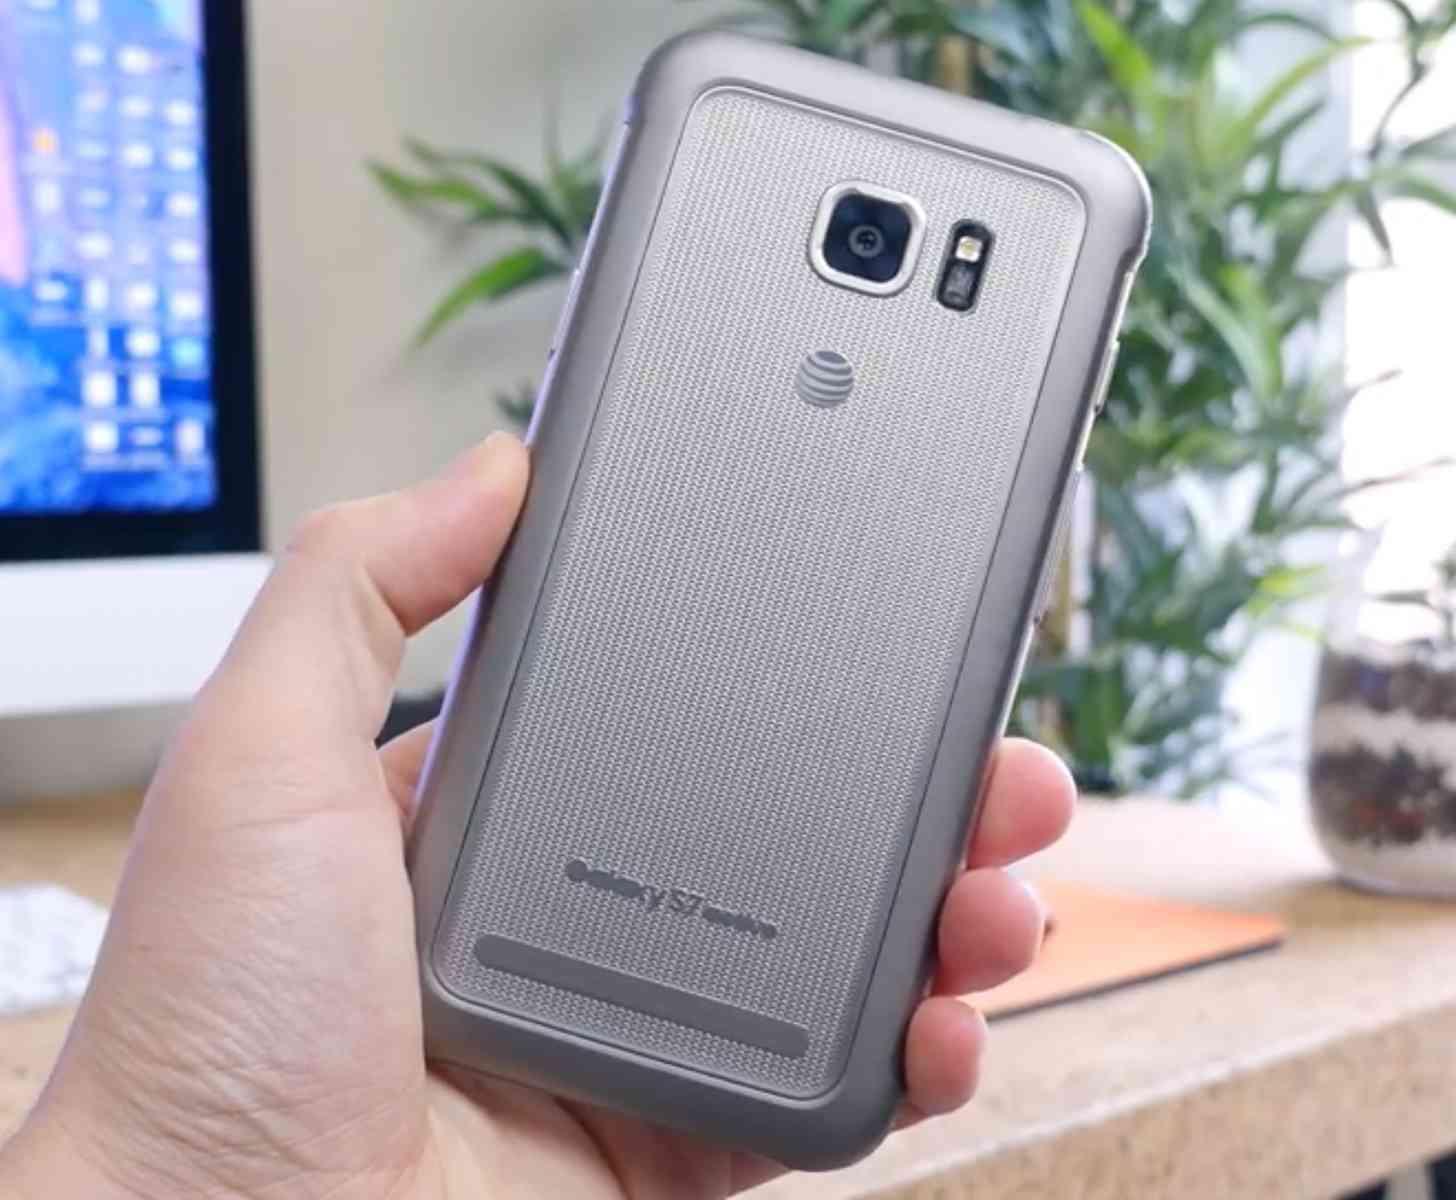 گوشی موبایل سامسونگ مدل Galaxy S8 Active